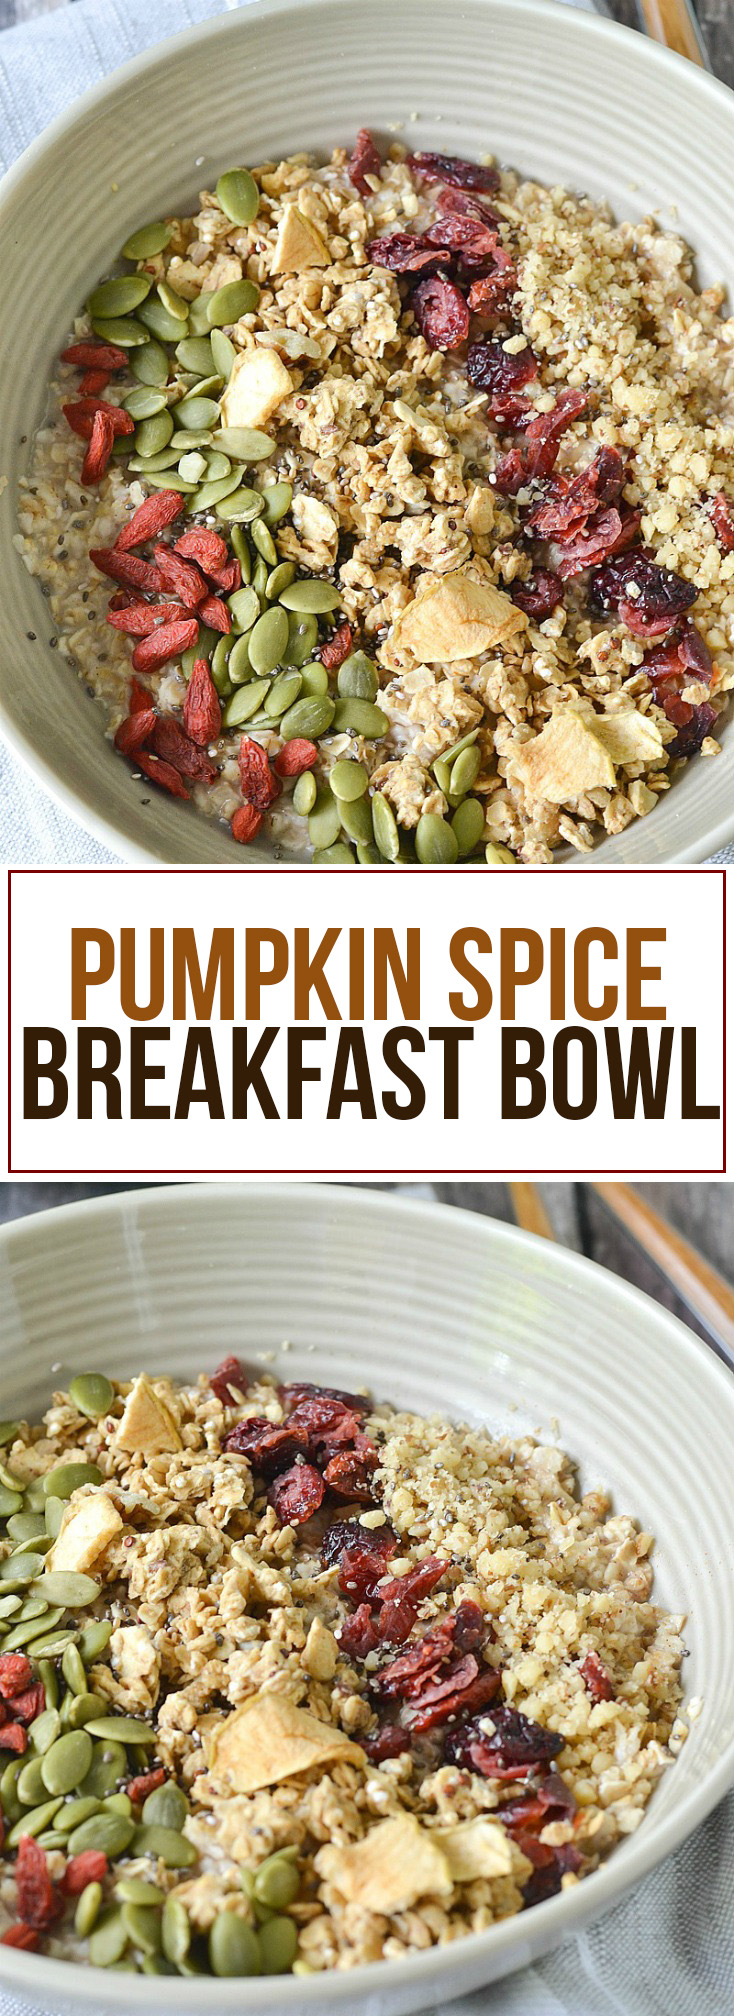 Pumpkin Spice Breakfast Bowls | www.motherthyme.com